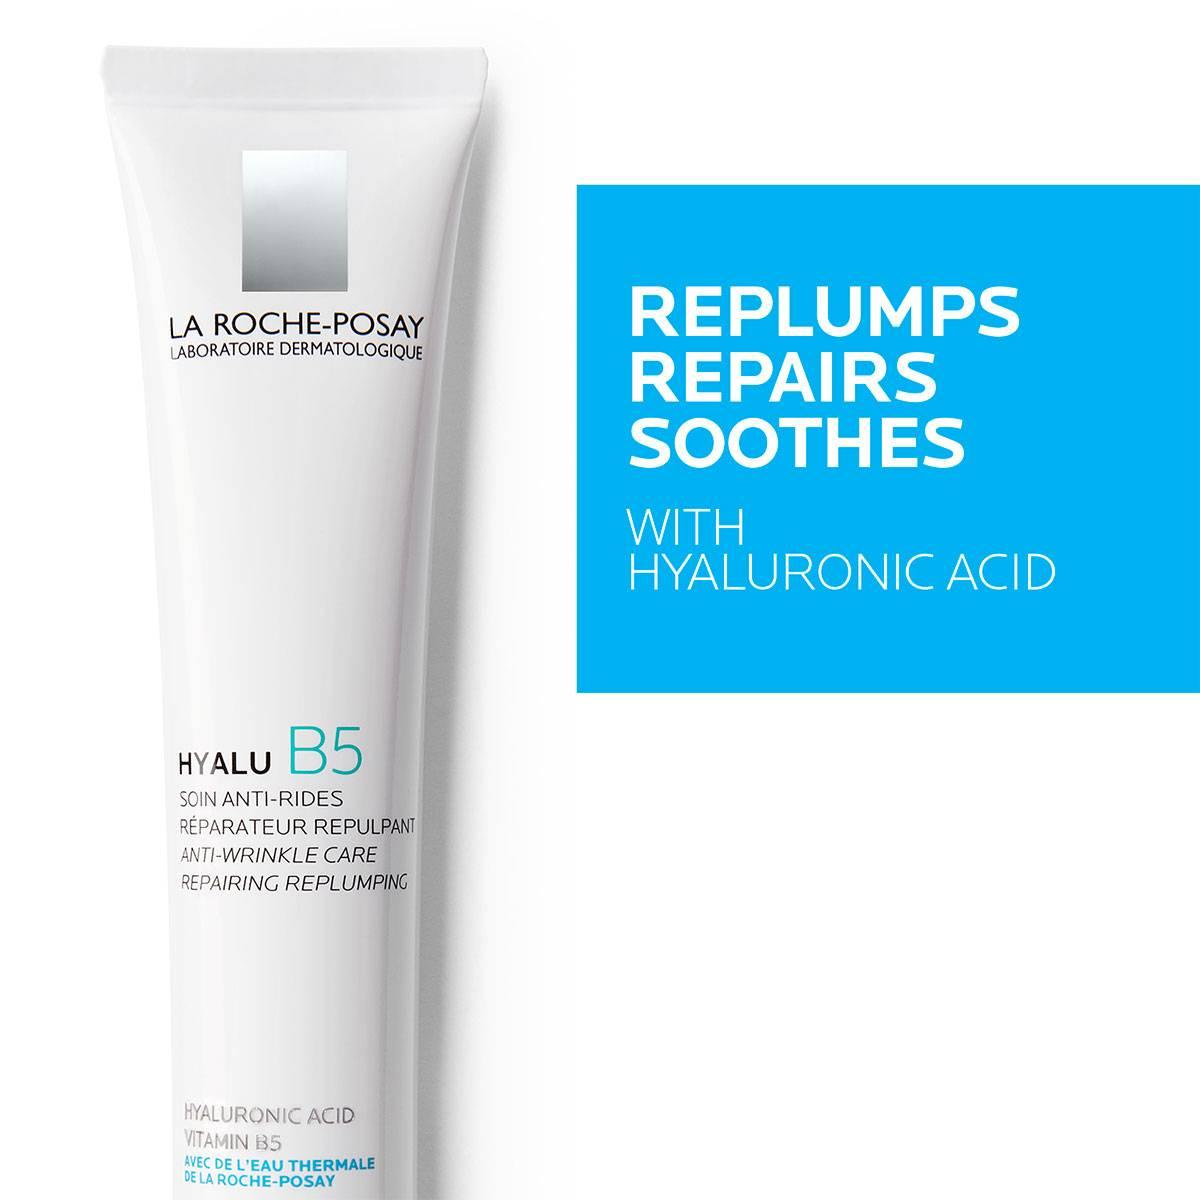 La Roche Posay ProduktSide Anti Aging Hyalu B5 Care 40ml 3337875583589